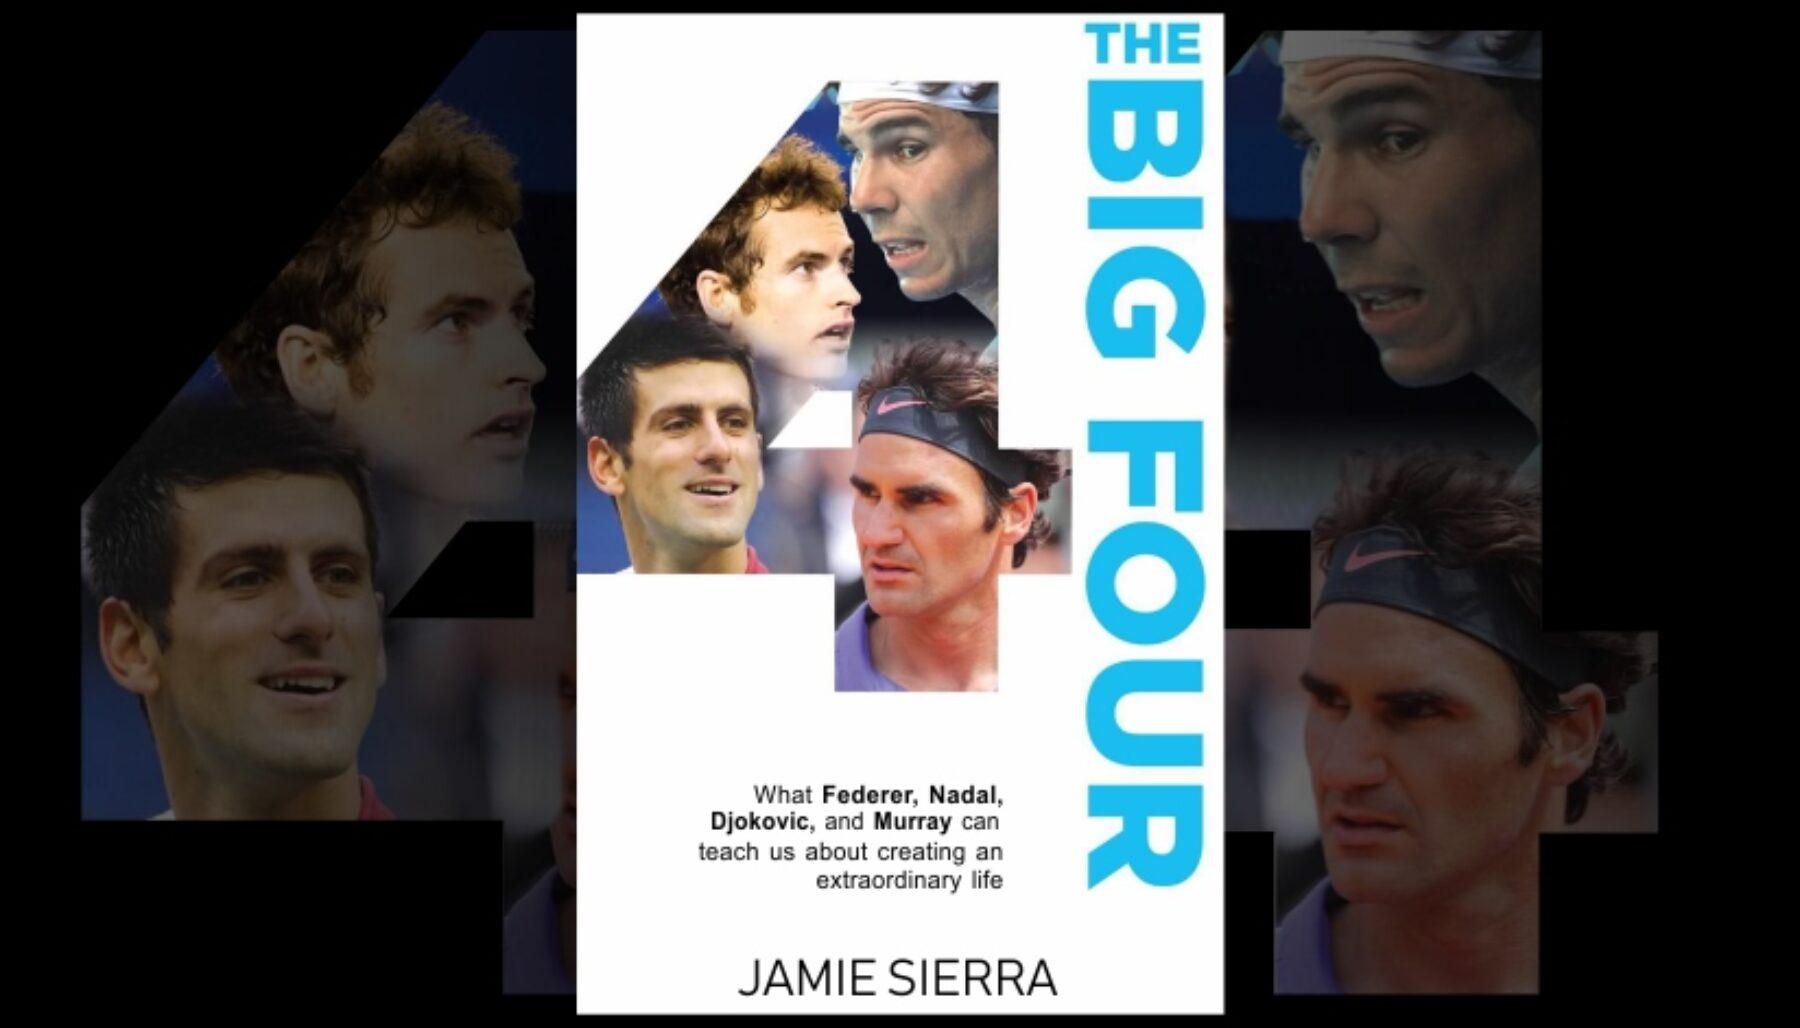 The Big 4 by Jamie Sierra